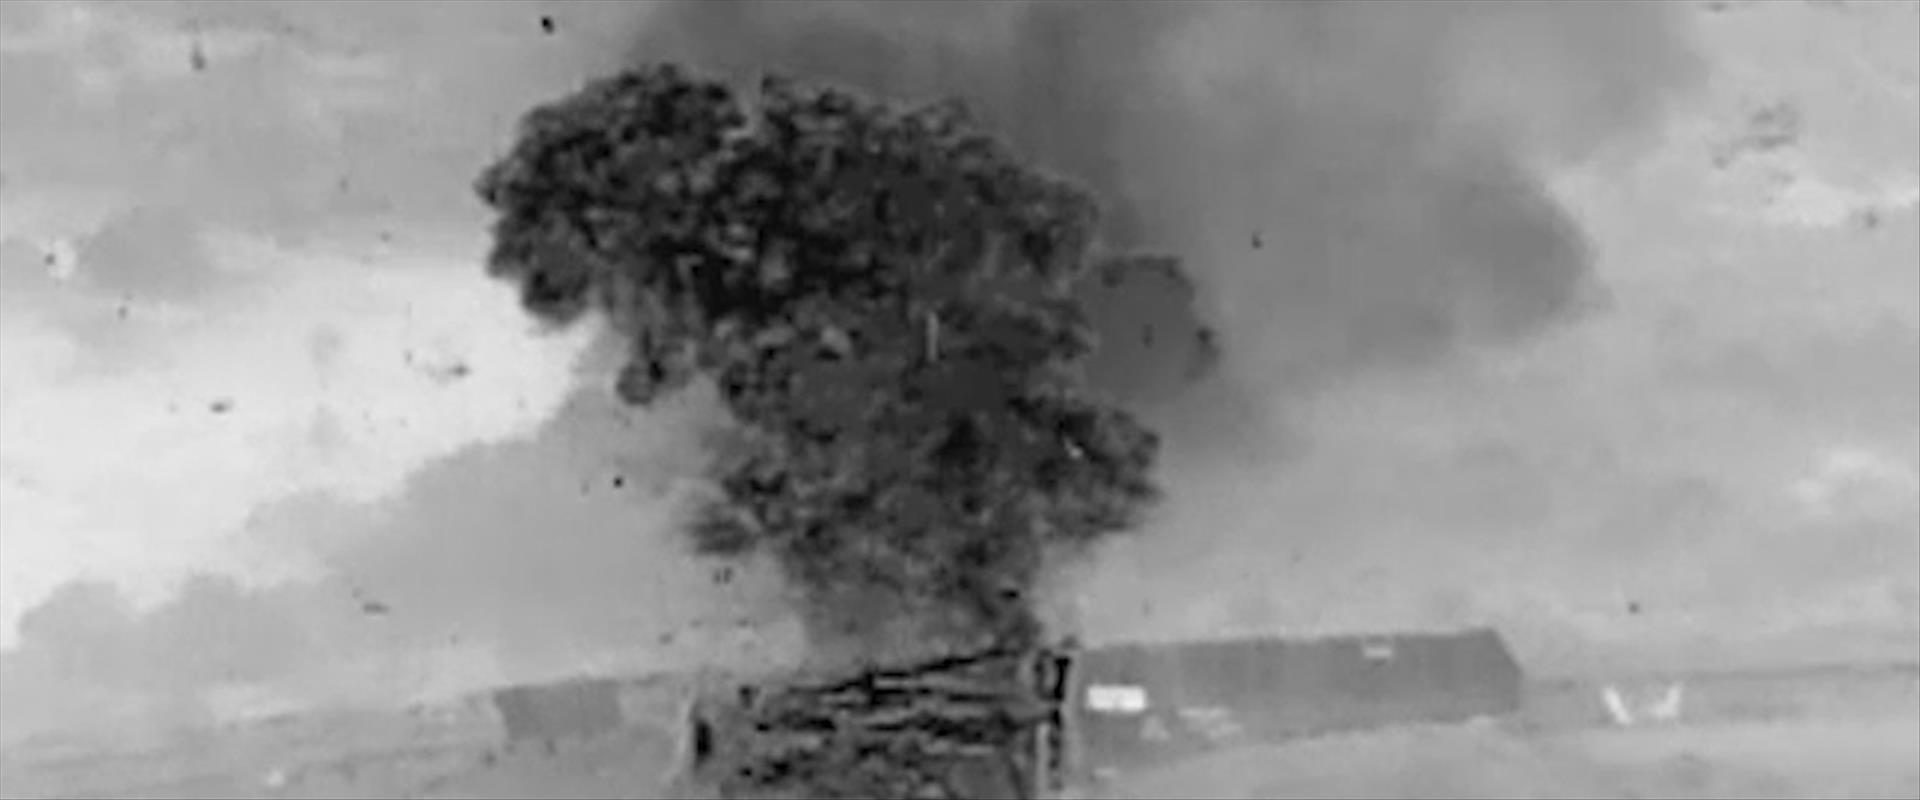 השמדת מנהרת חיזבאללה